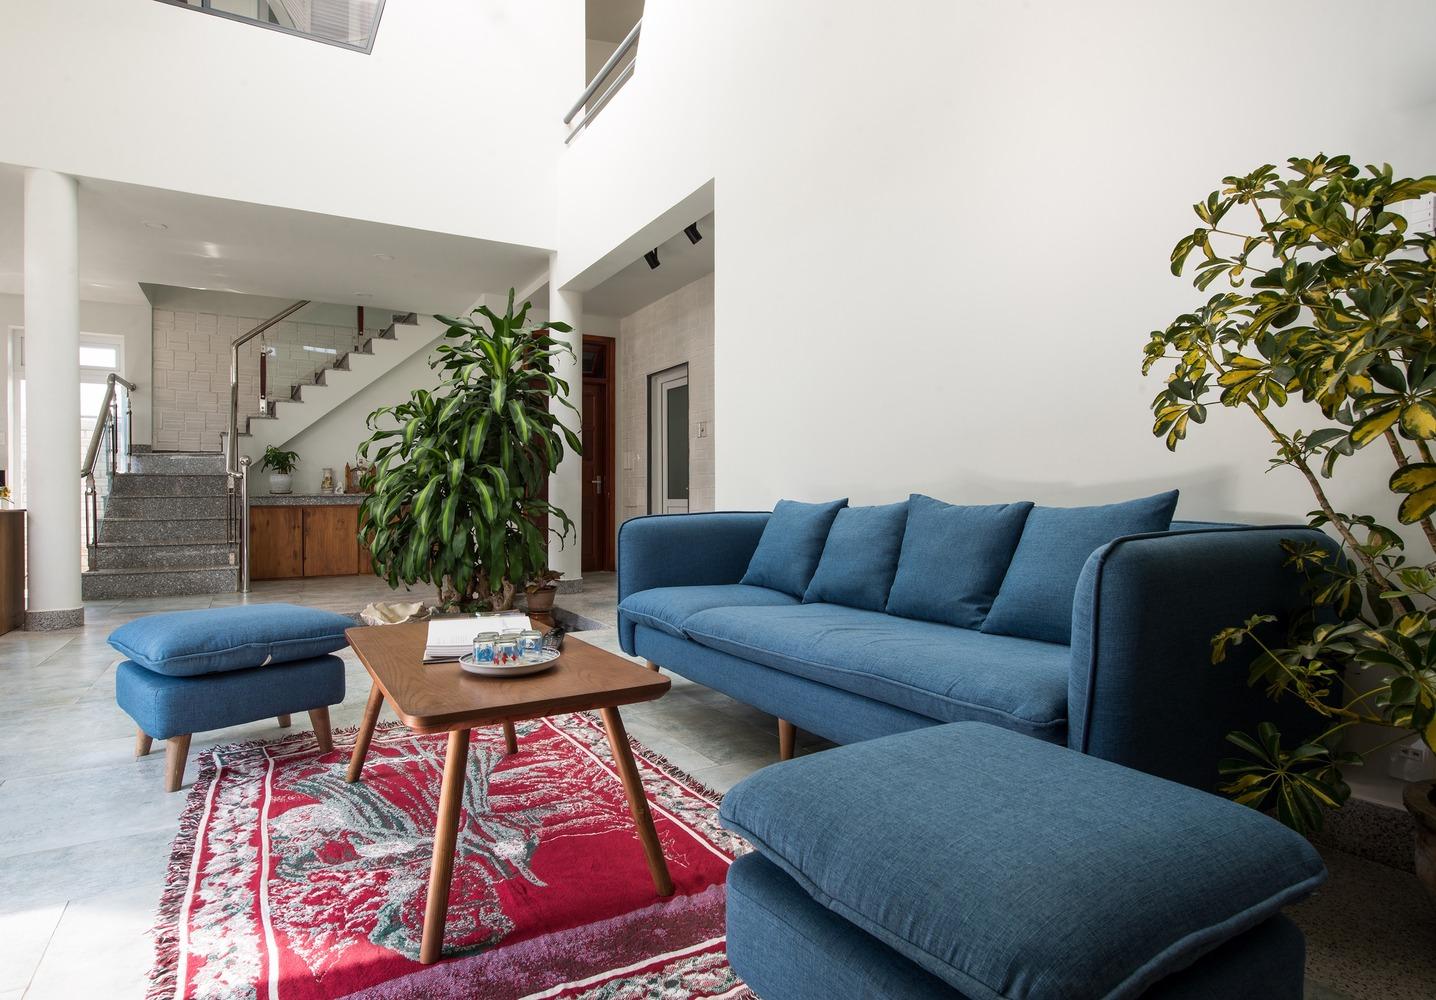 Ở giữa phòng khách, cây xanh được đặt thêm để tạo cảm giác mát mẻ.